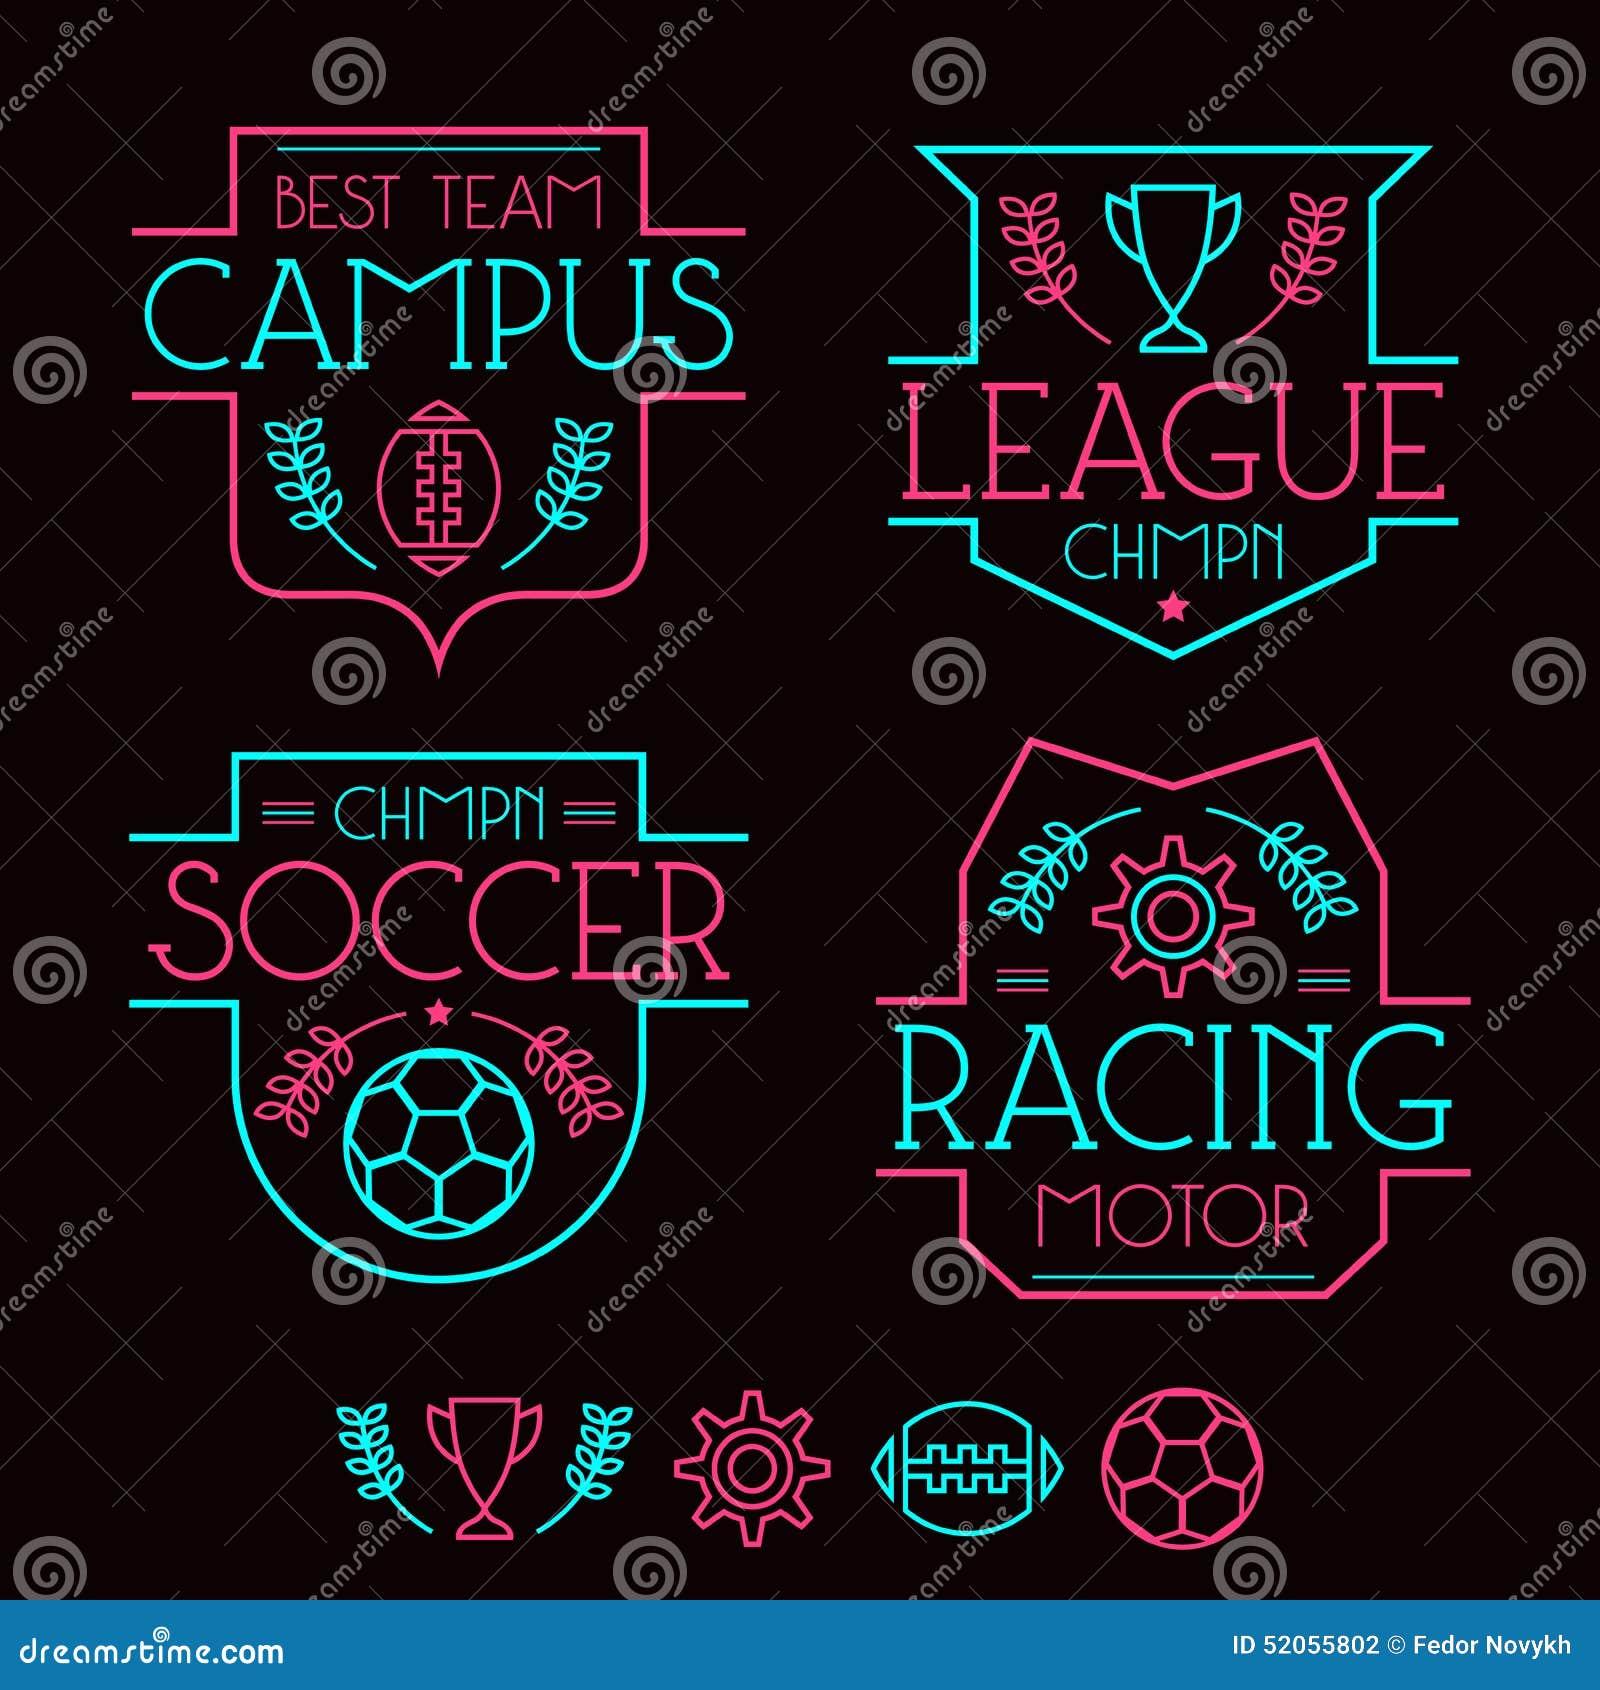 Design t shirt neon colors - Design T Shirt Neon Colors Badges Design Graphic Line Neon Print Shirt